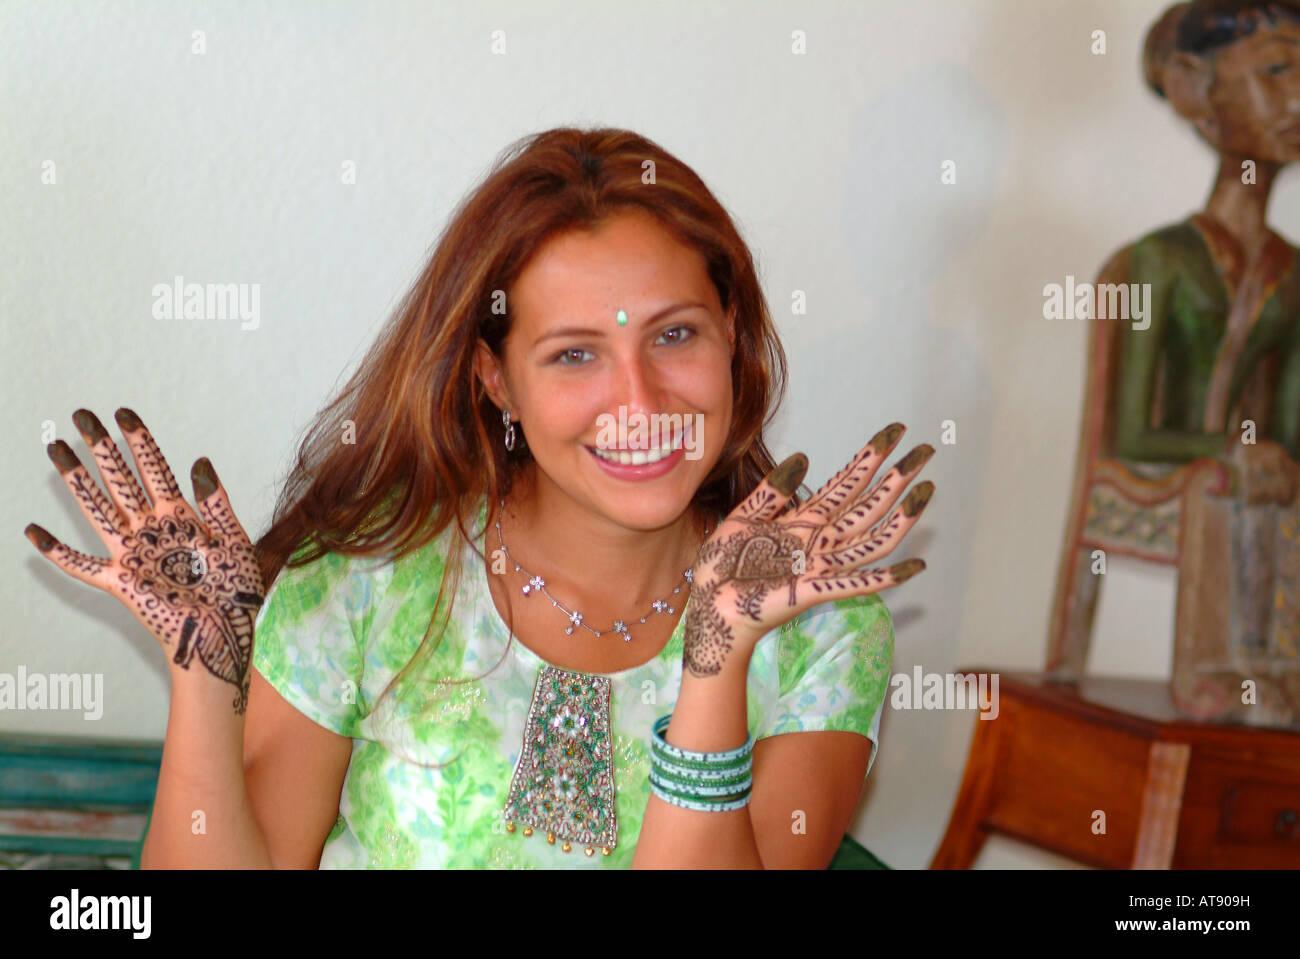 Mujer con manos teñidas con Mendi (henna) antes de su ceremonia de boda Foto de stock